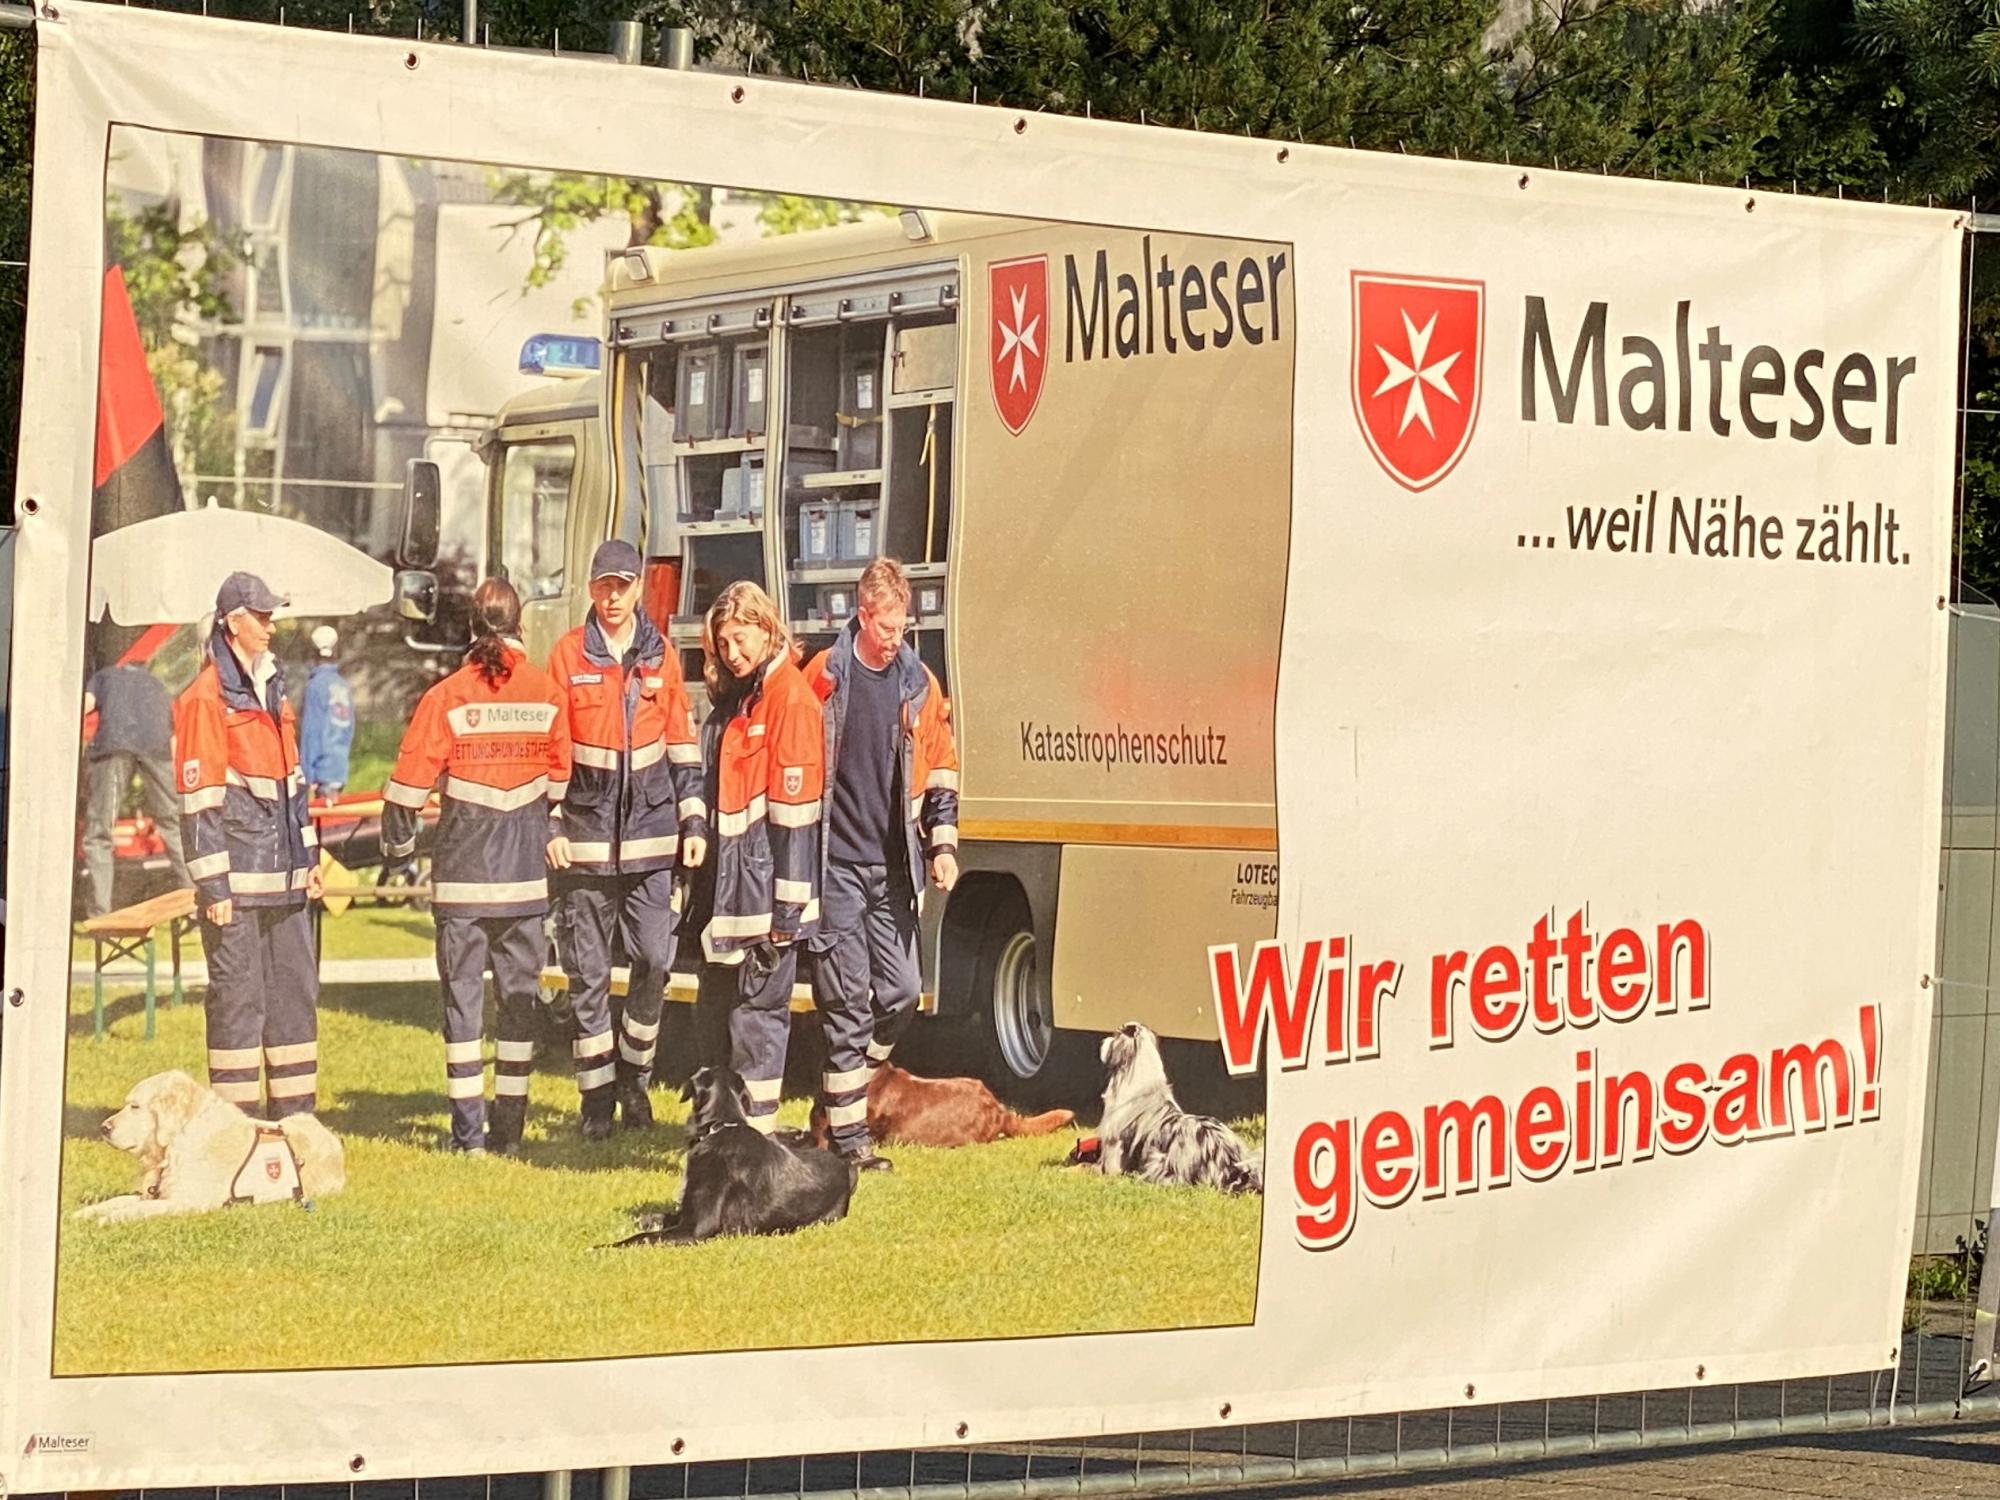 Malteser 2